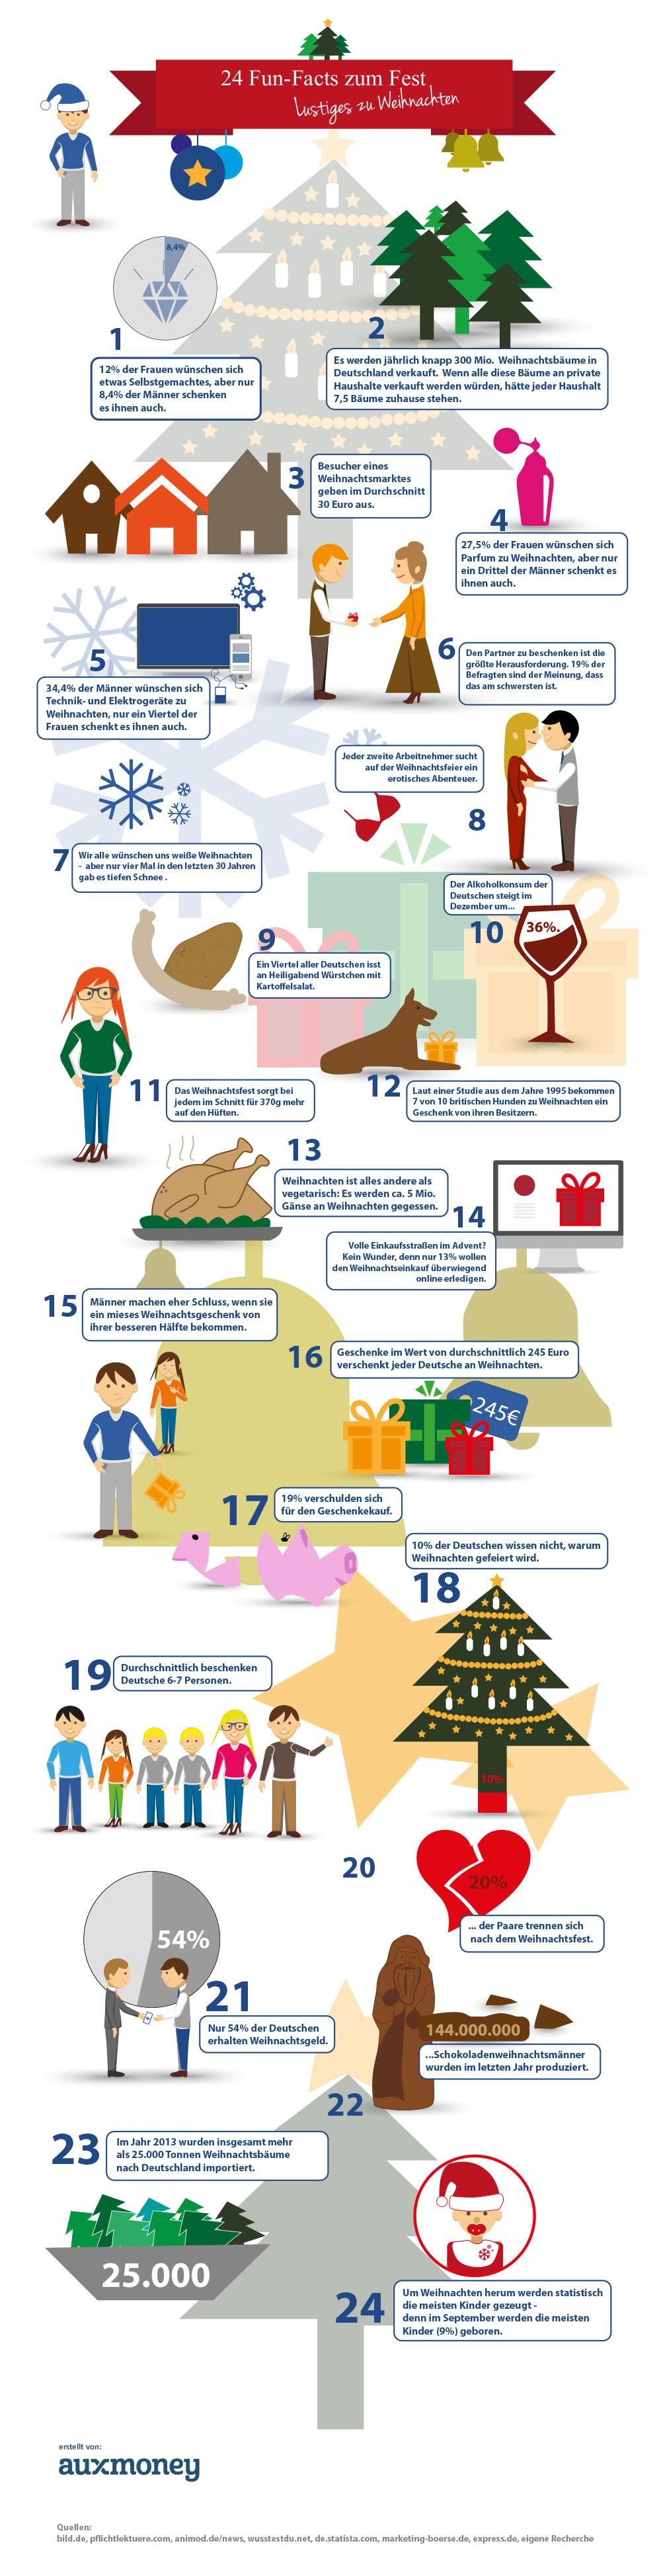 Weihnachtsfakten und unnützes Wissen zu Weihnachten